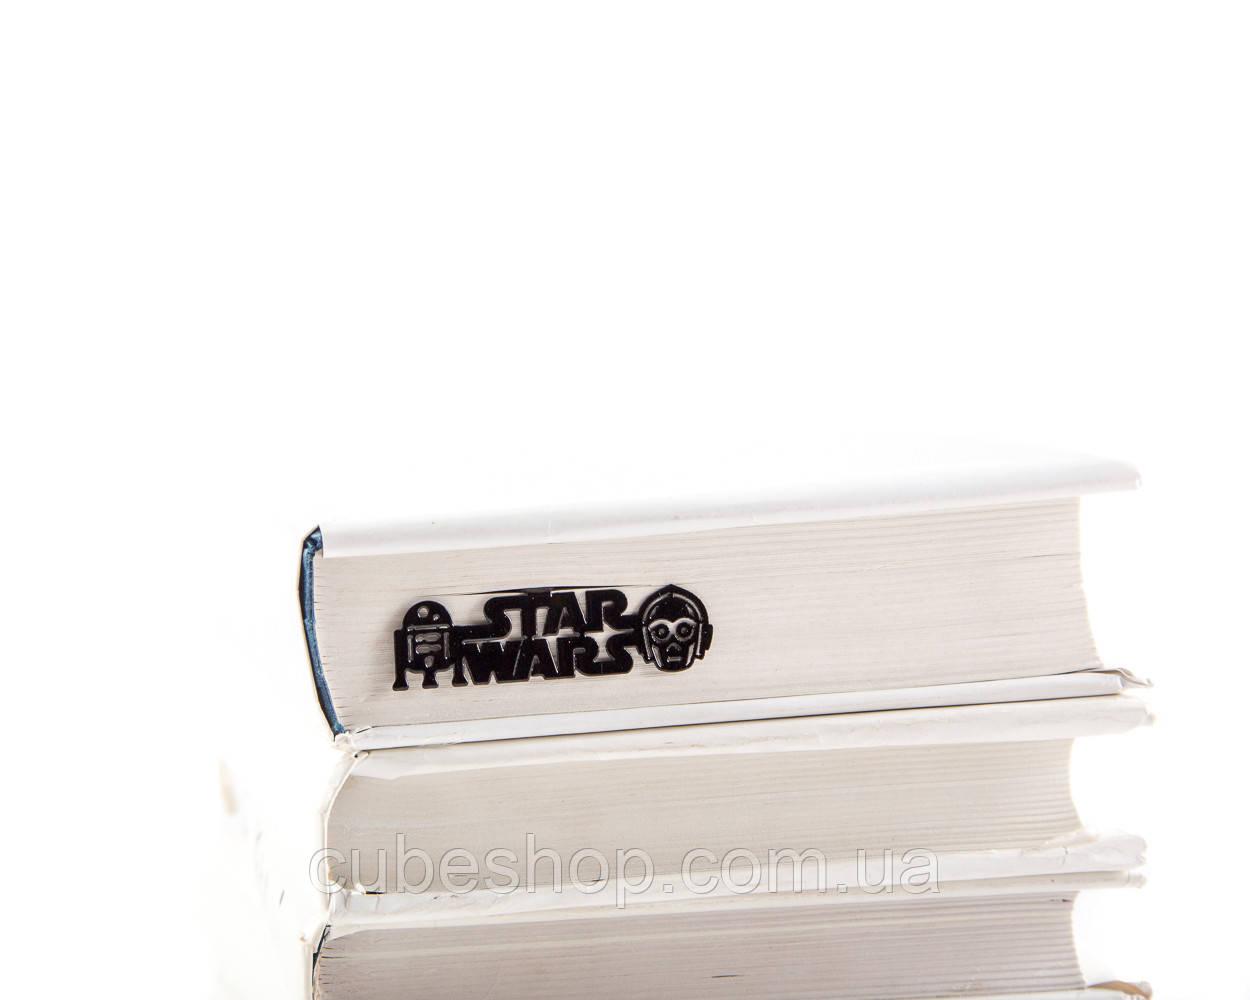 Закладка для книг Star Wars